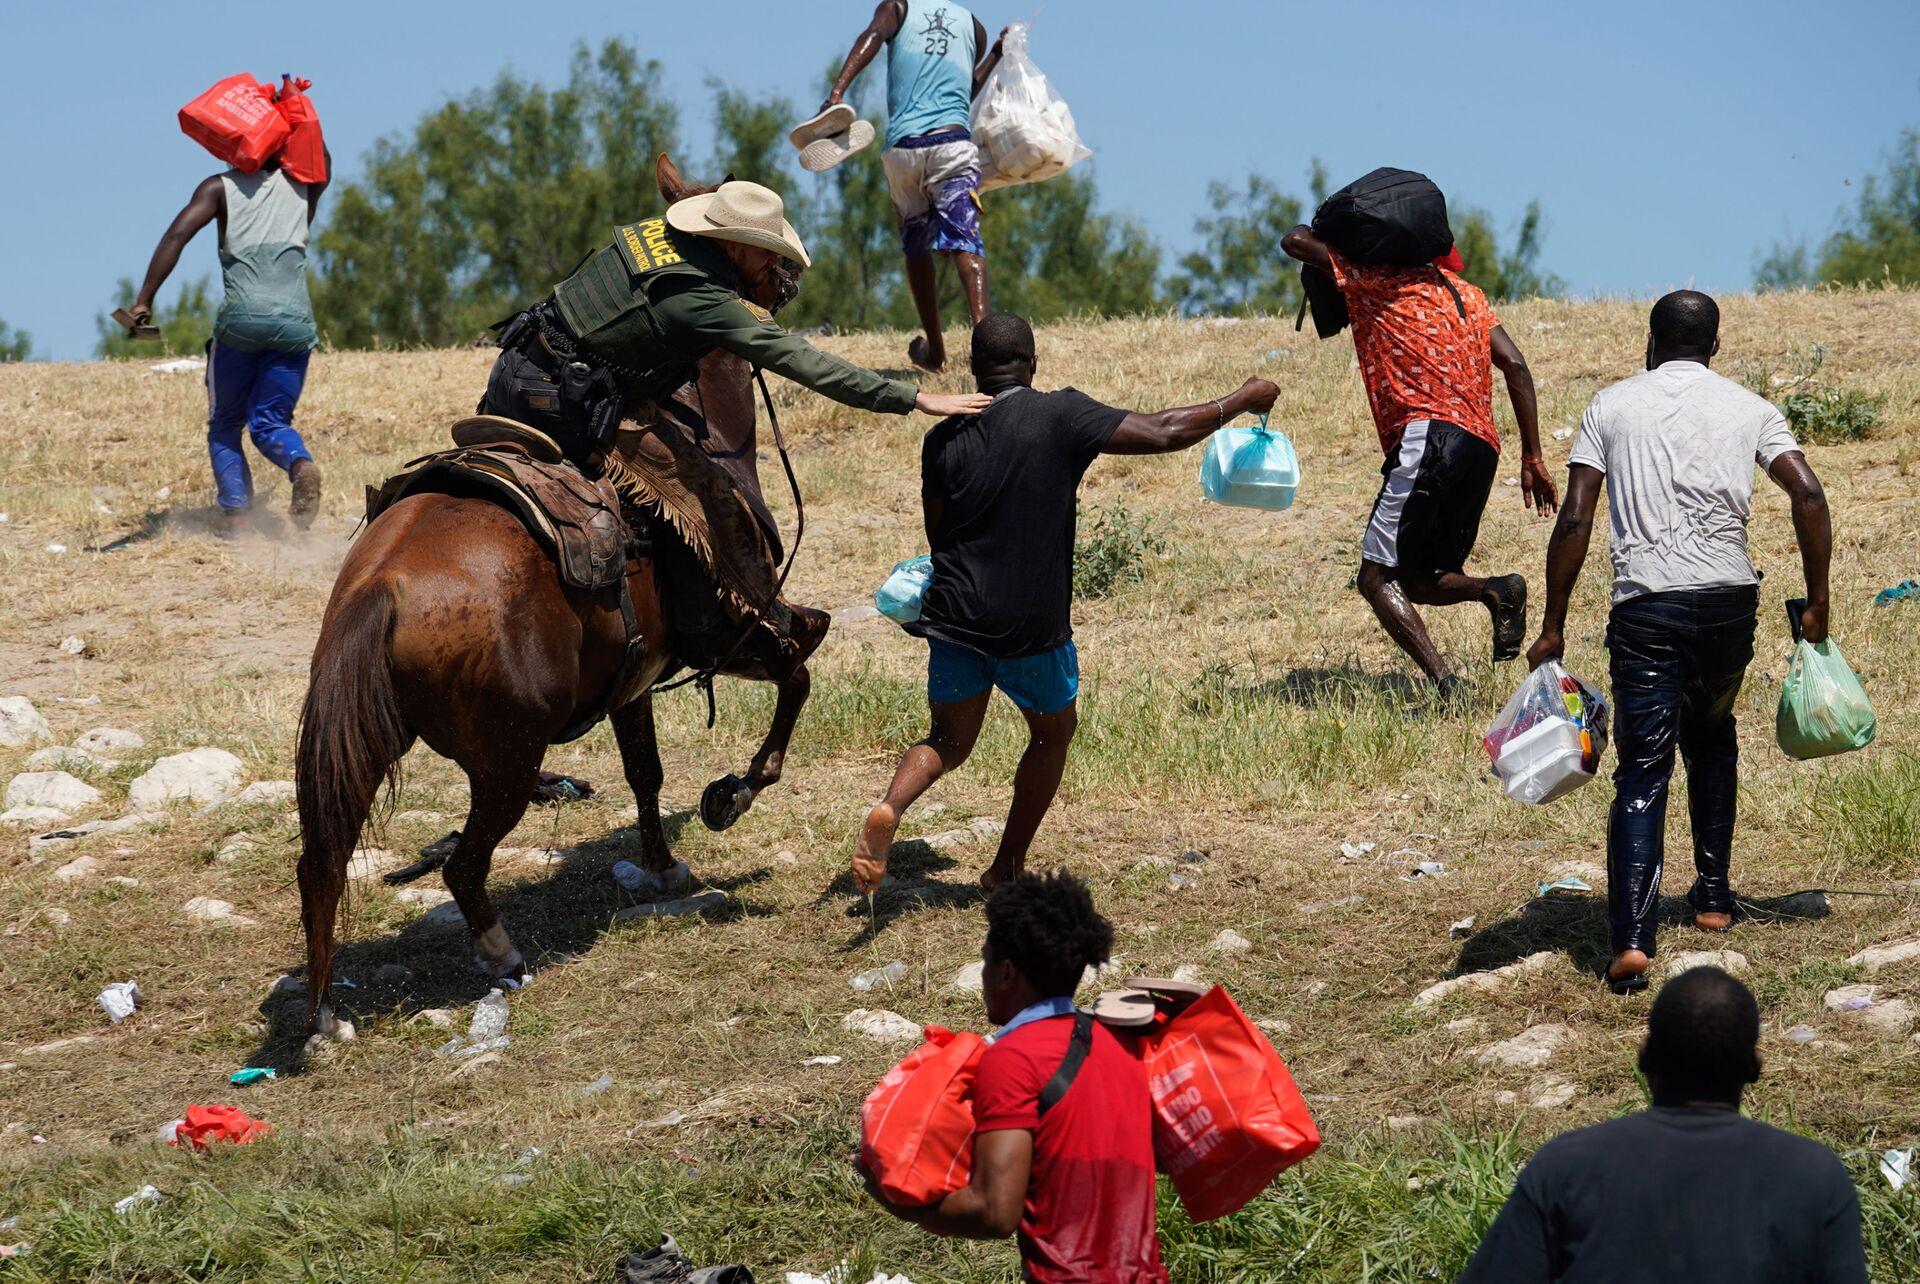 Агент пограничного патруля США пытается помешать гаитянскому мигранту войти в лагерь на берегу Рио-Гранде в Дель-Рио, штат Техас - Sputnik International, 1920, 24.09.2021